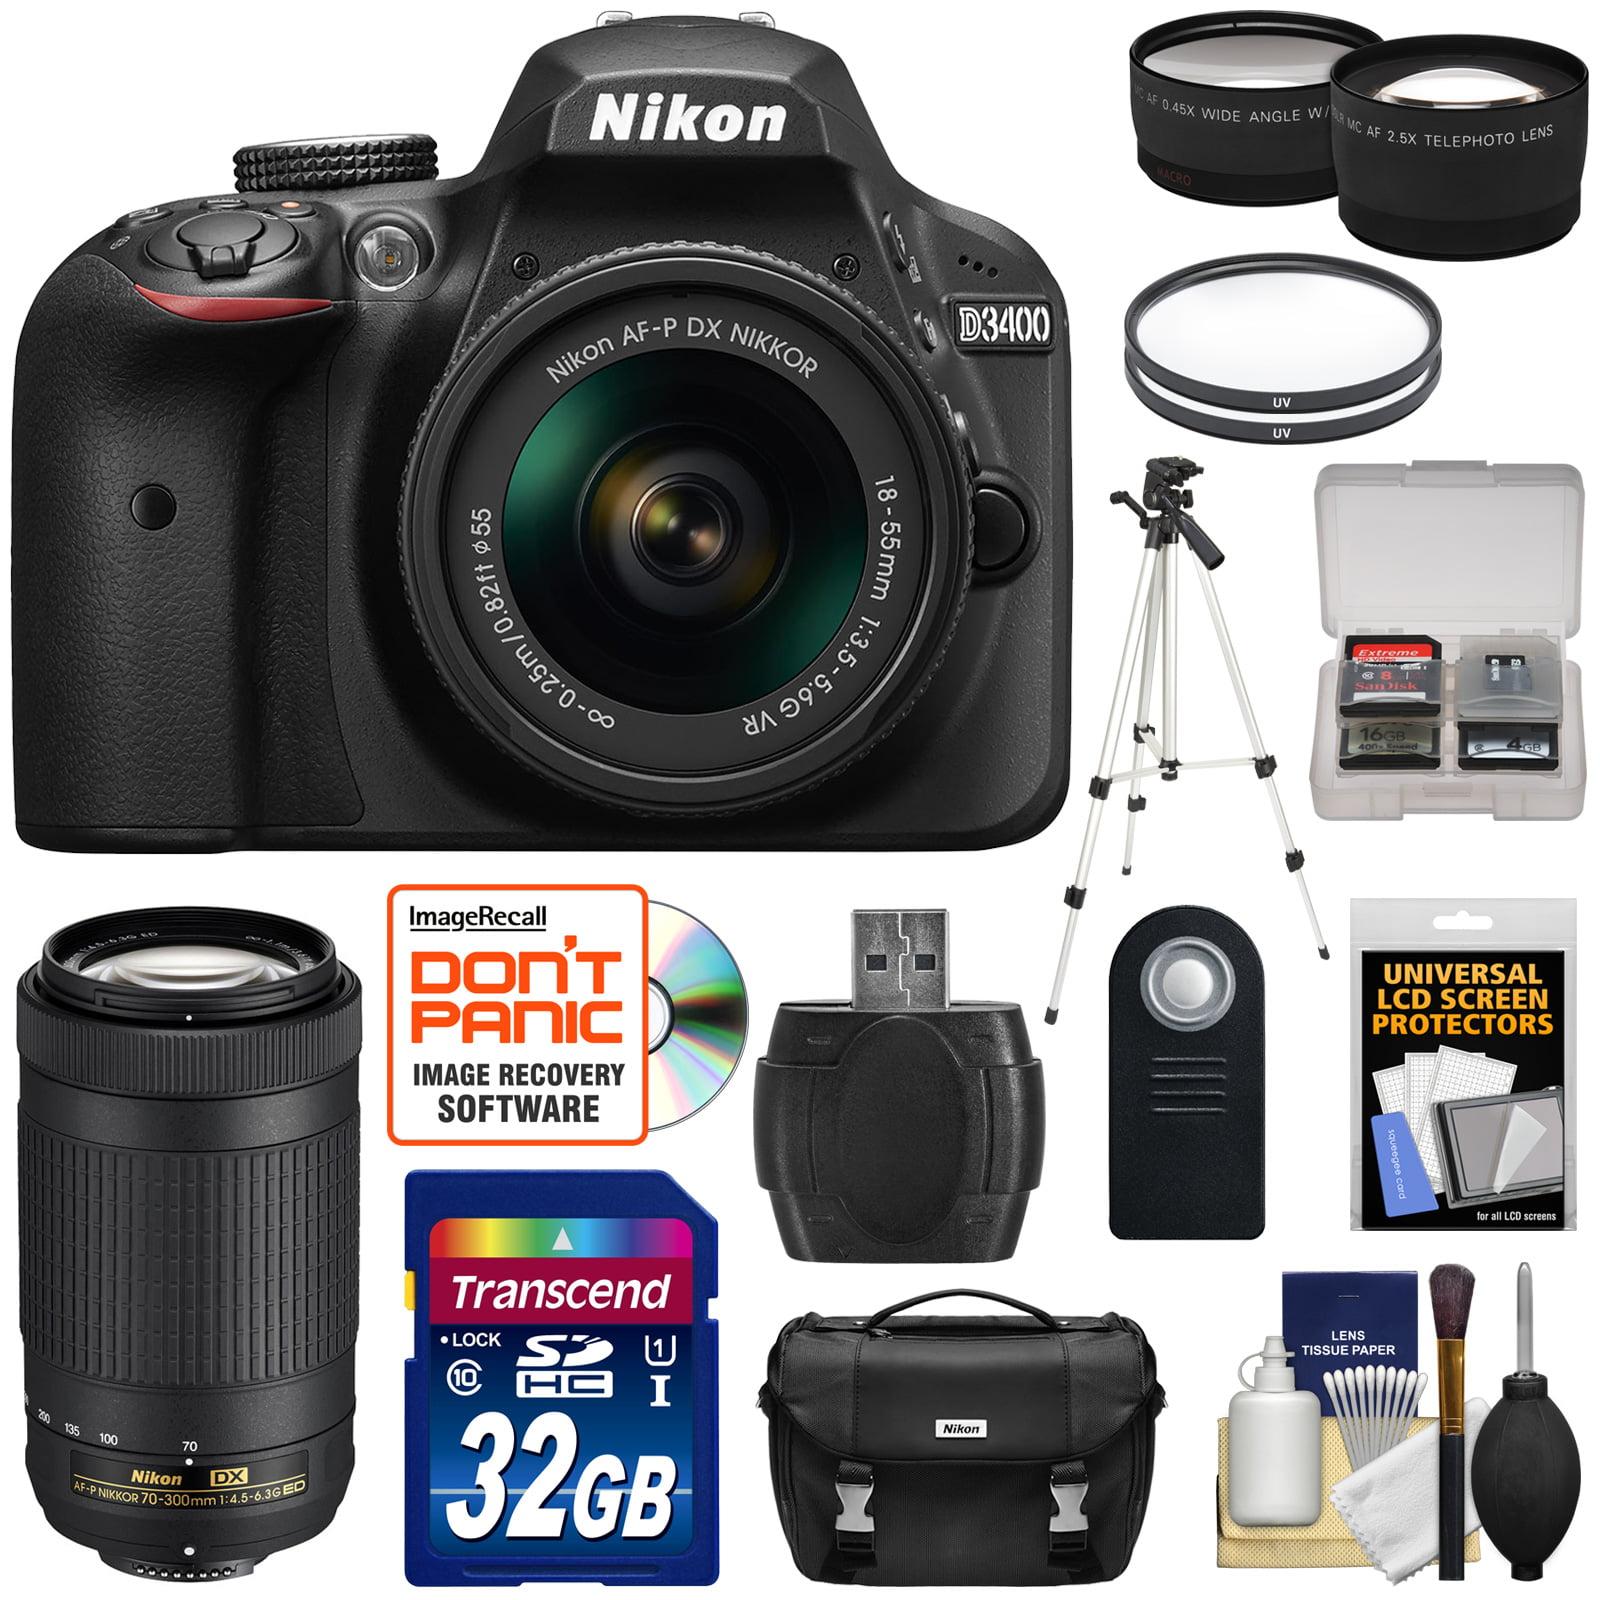 nikon d3400 digital slr camera & 18 55mm vr & 70 300mm dx